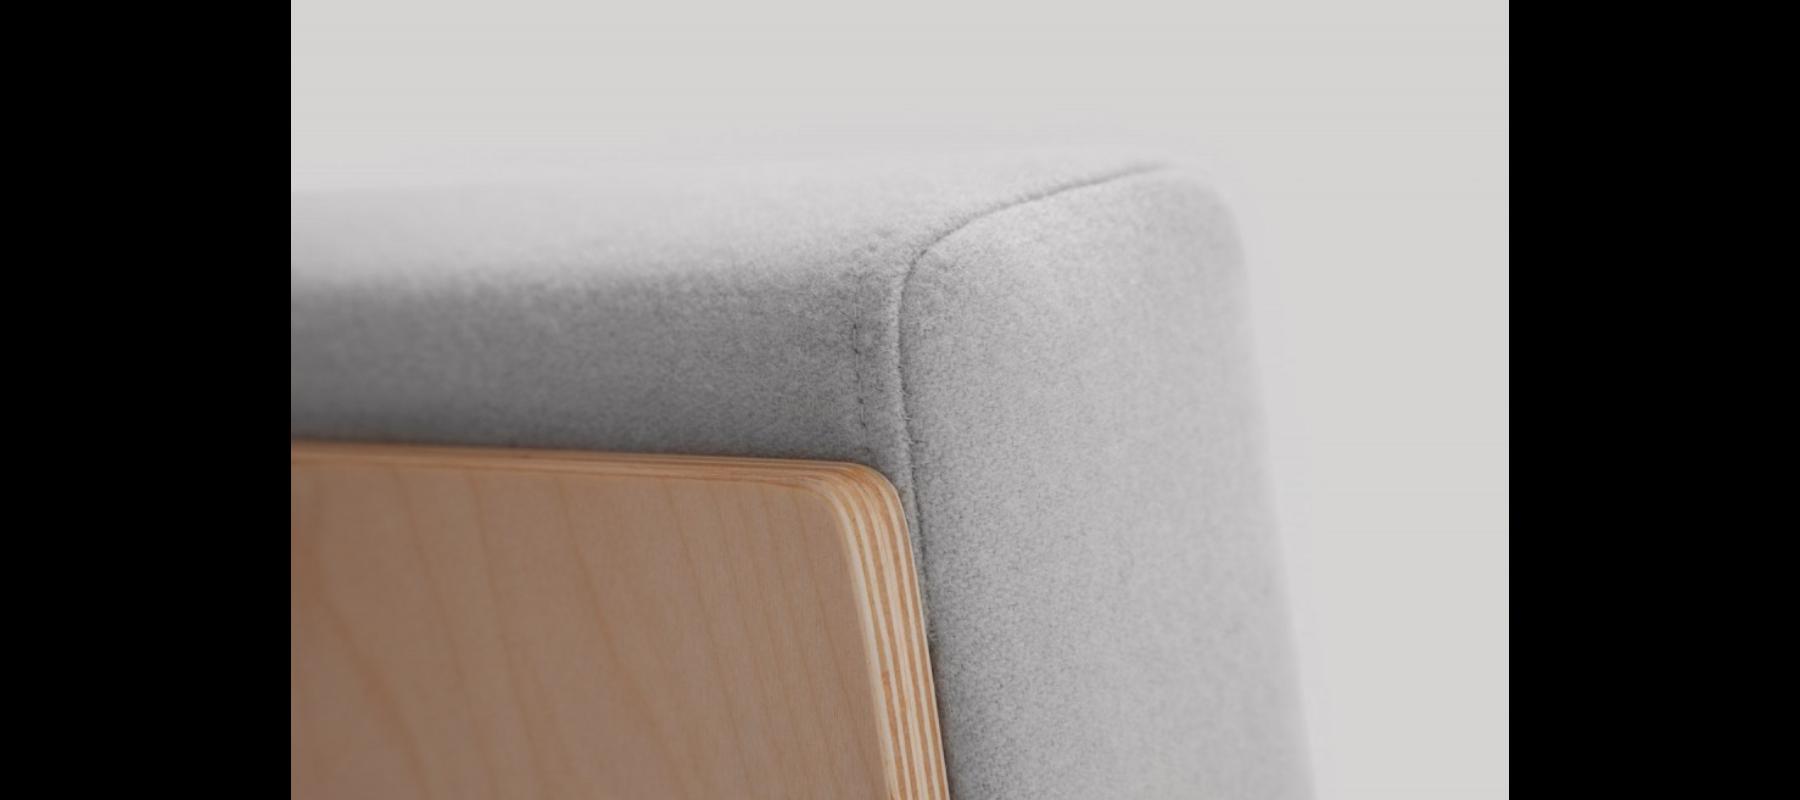 siedziska fin detale - 01